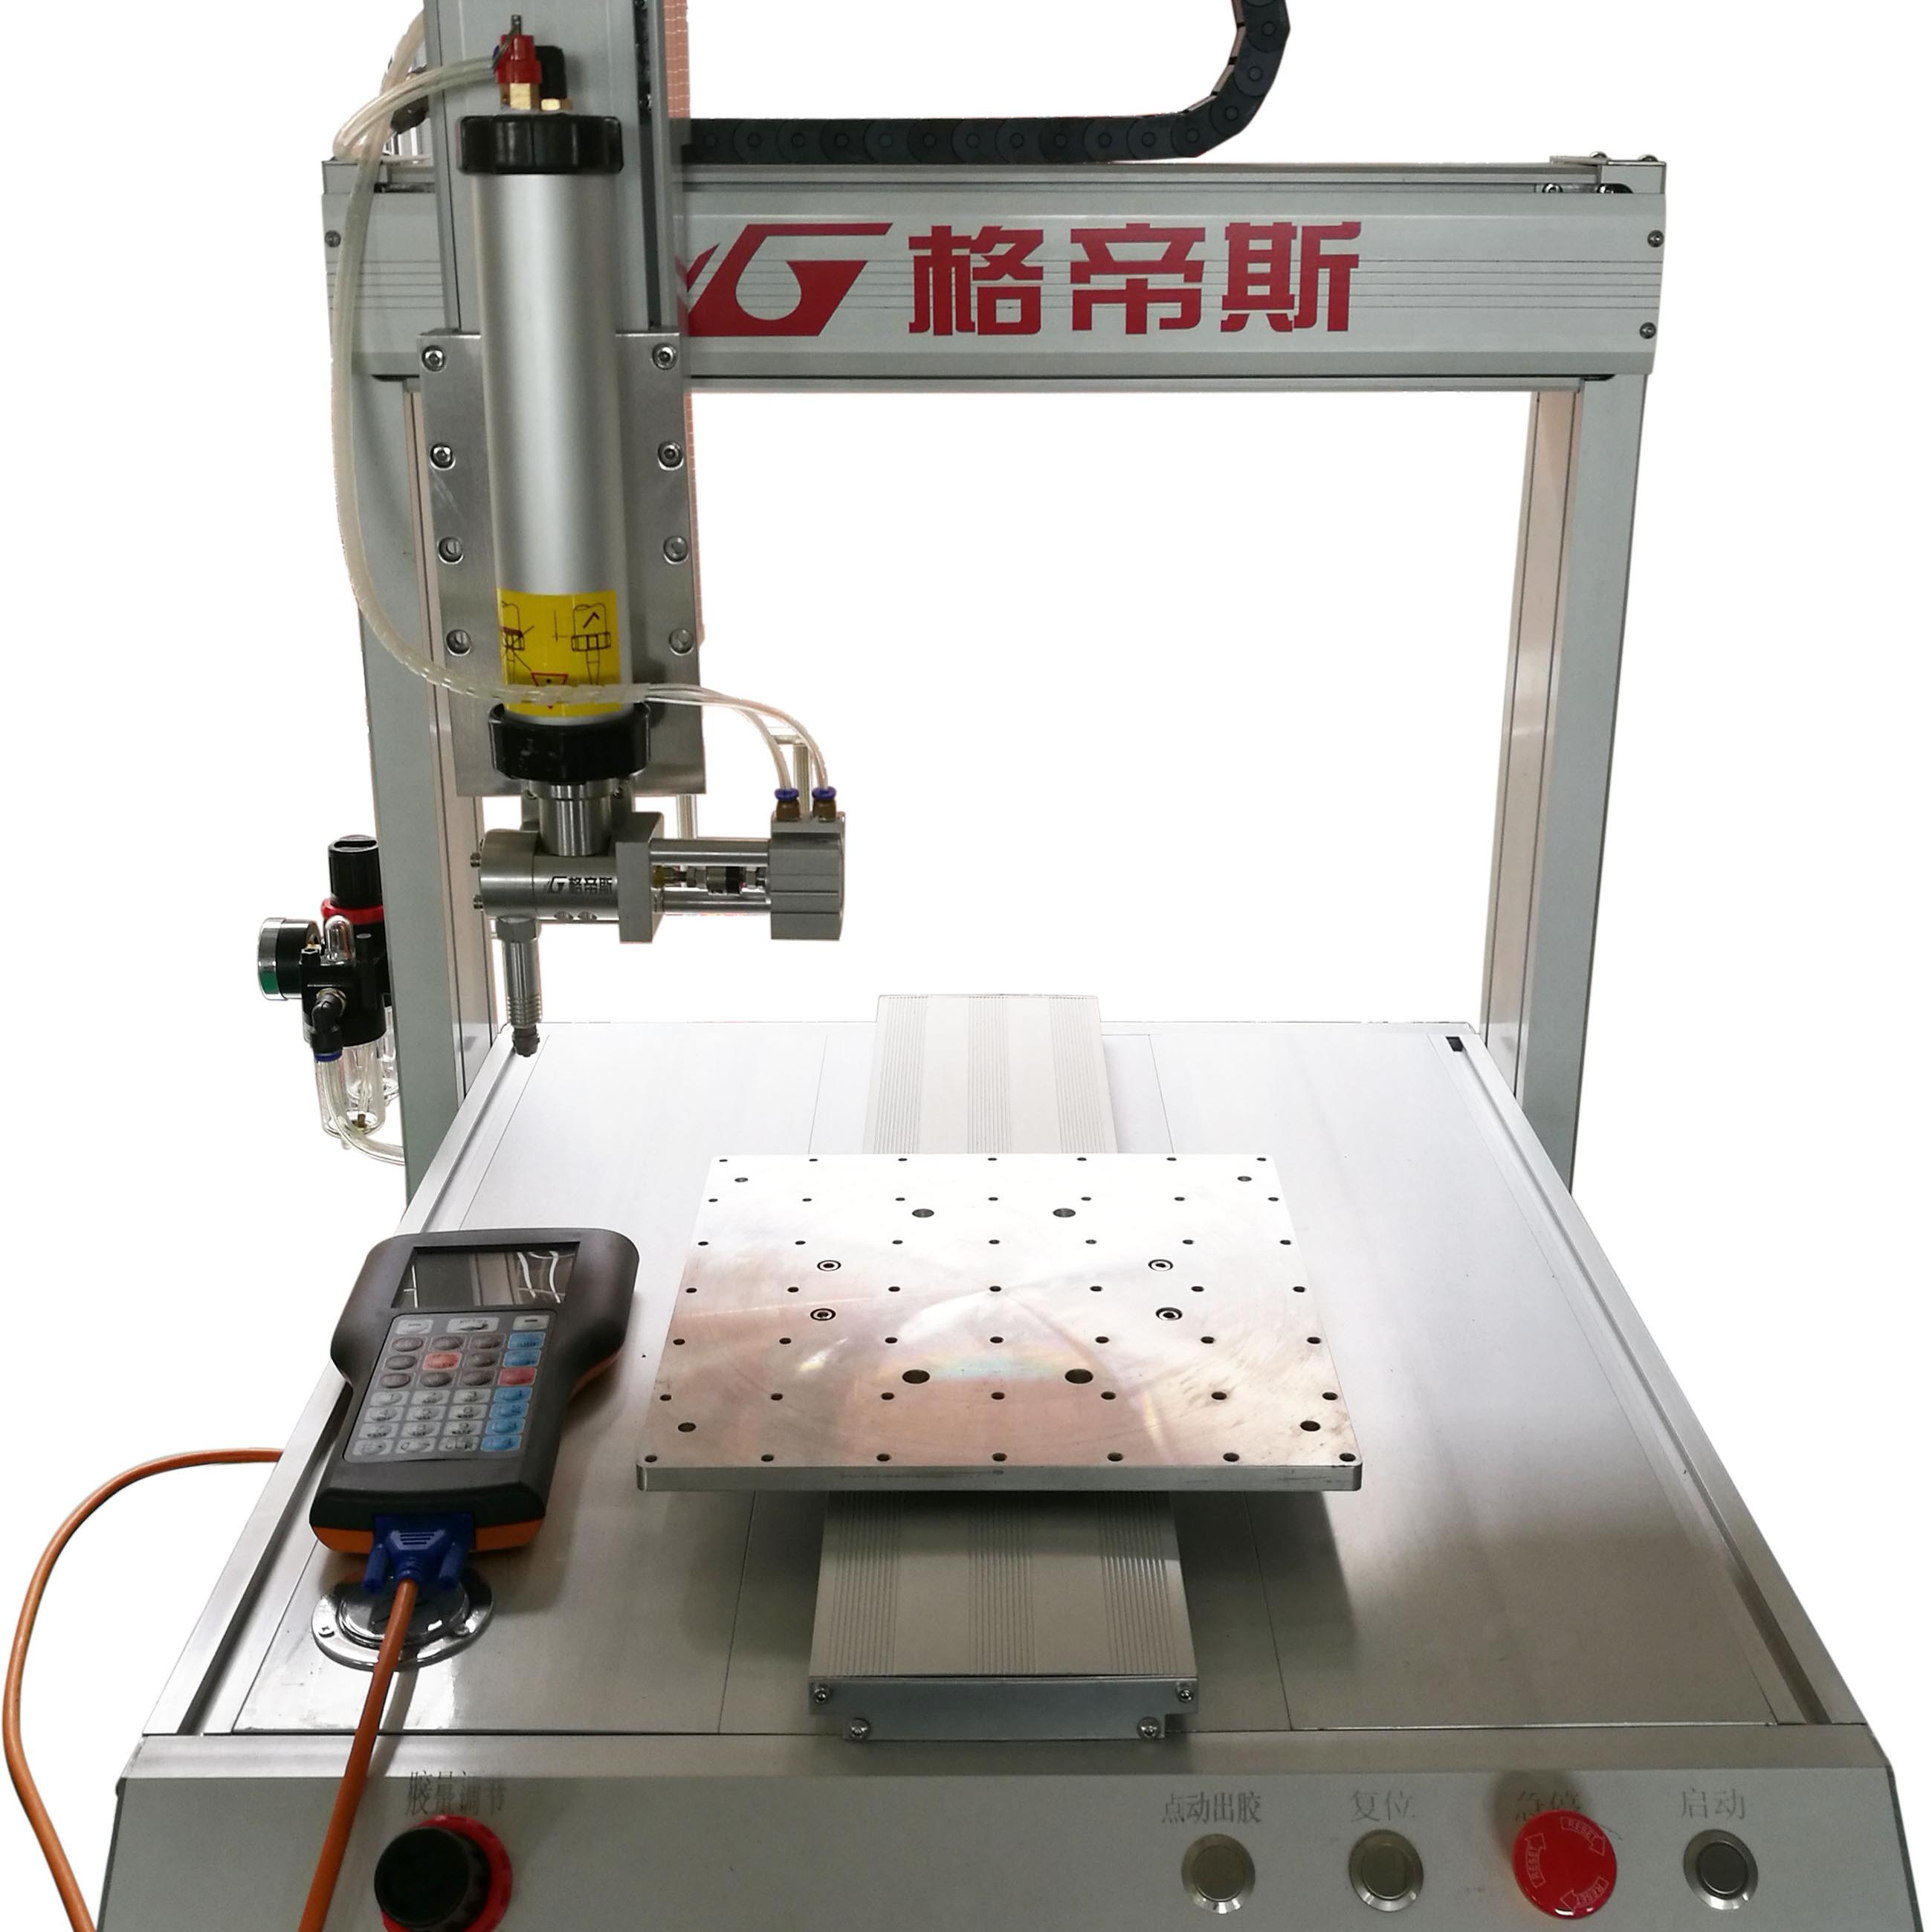 TD-400LED防潮灯自动点胶机厂家直销防潮灯专业点胶机